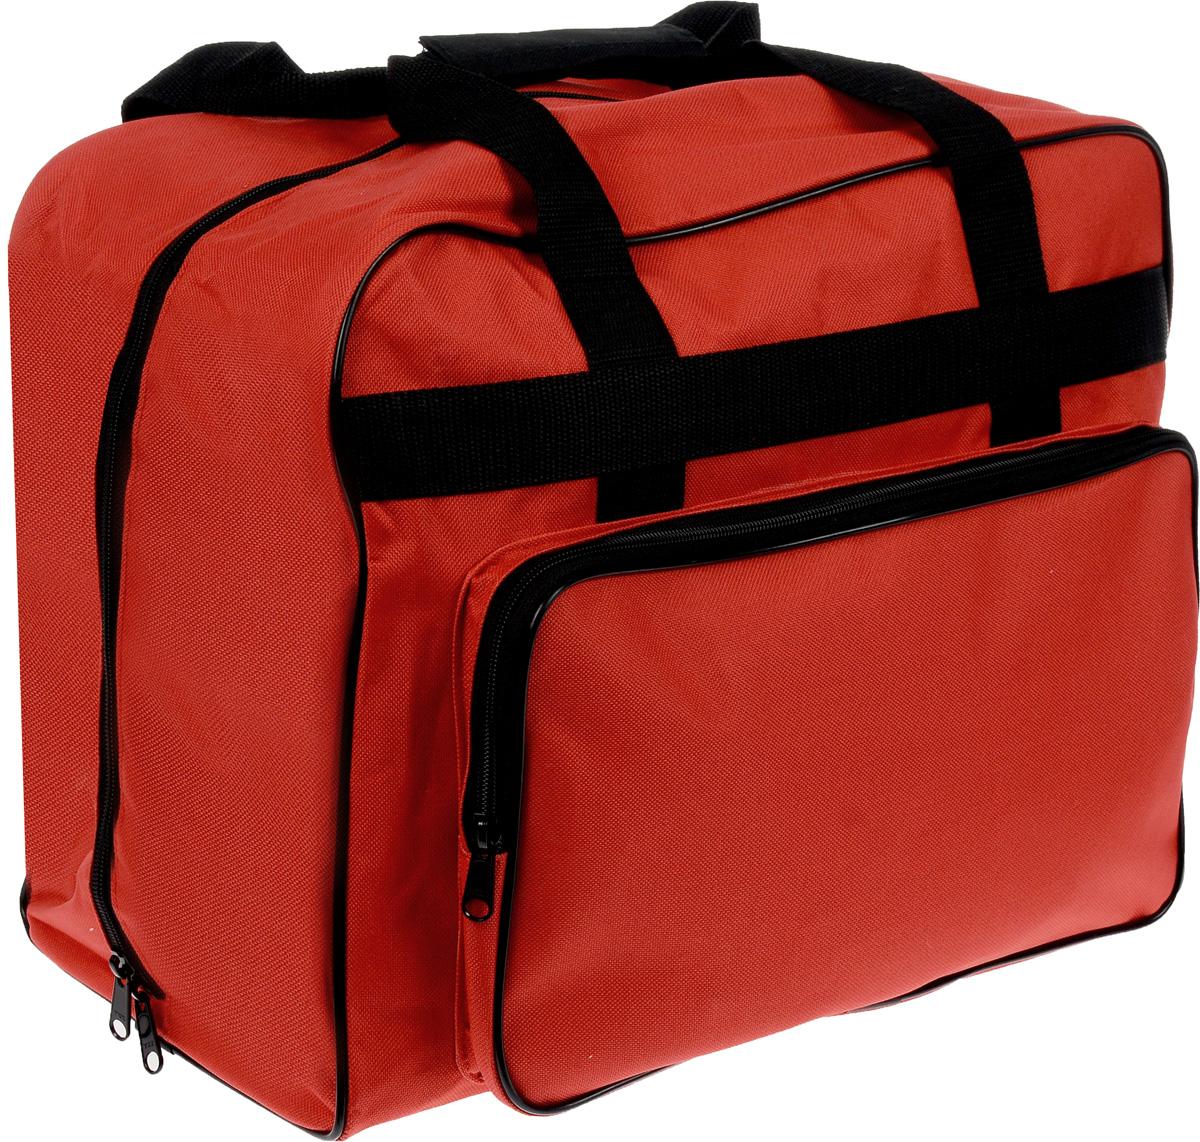 Сумка для швейной машины Aurora, 43 х 21 х 33 смMS-074FСовременная сумка Aurora, выполненная из прочного и влагостойкого текстиля,предназначена для храненияшвейной машины. Усиленные швы, молния и широкие ручки из стропы выполнены вконтрастном цвете. Сумка дополненабоковым карманом, в котором вы можете переносить фурнитуру и прочиешвейные мелочи.